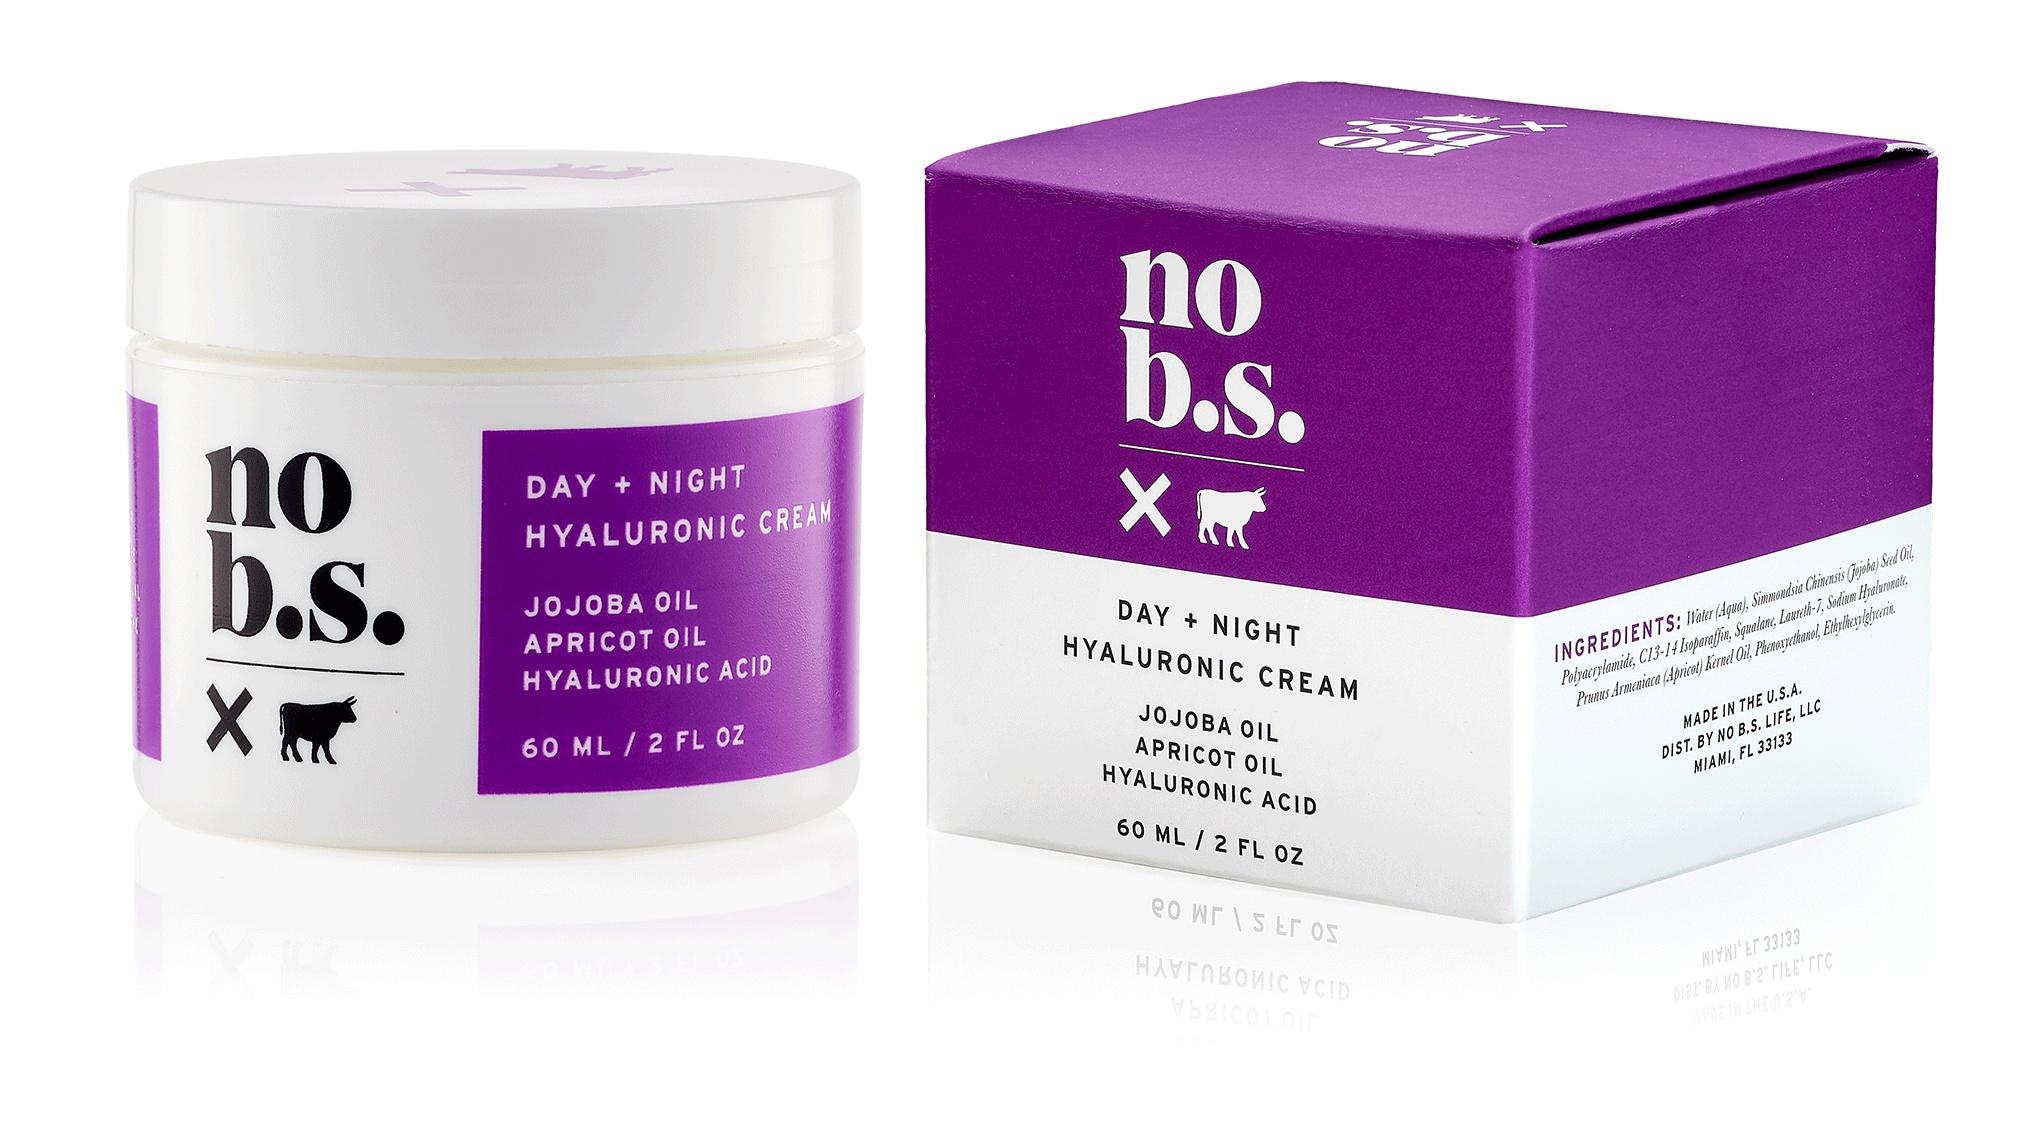 No B.S. Day + Night Hyaluronic Cream